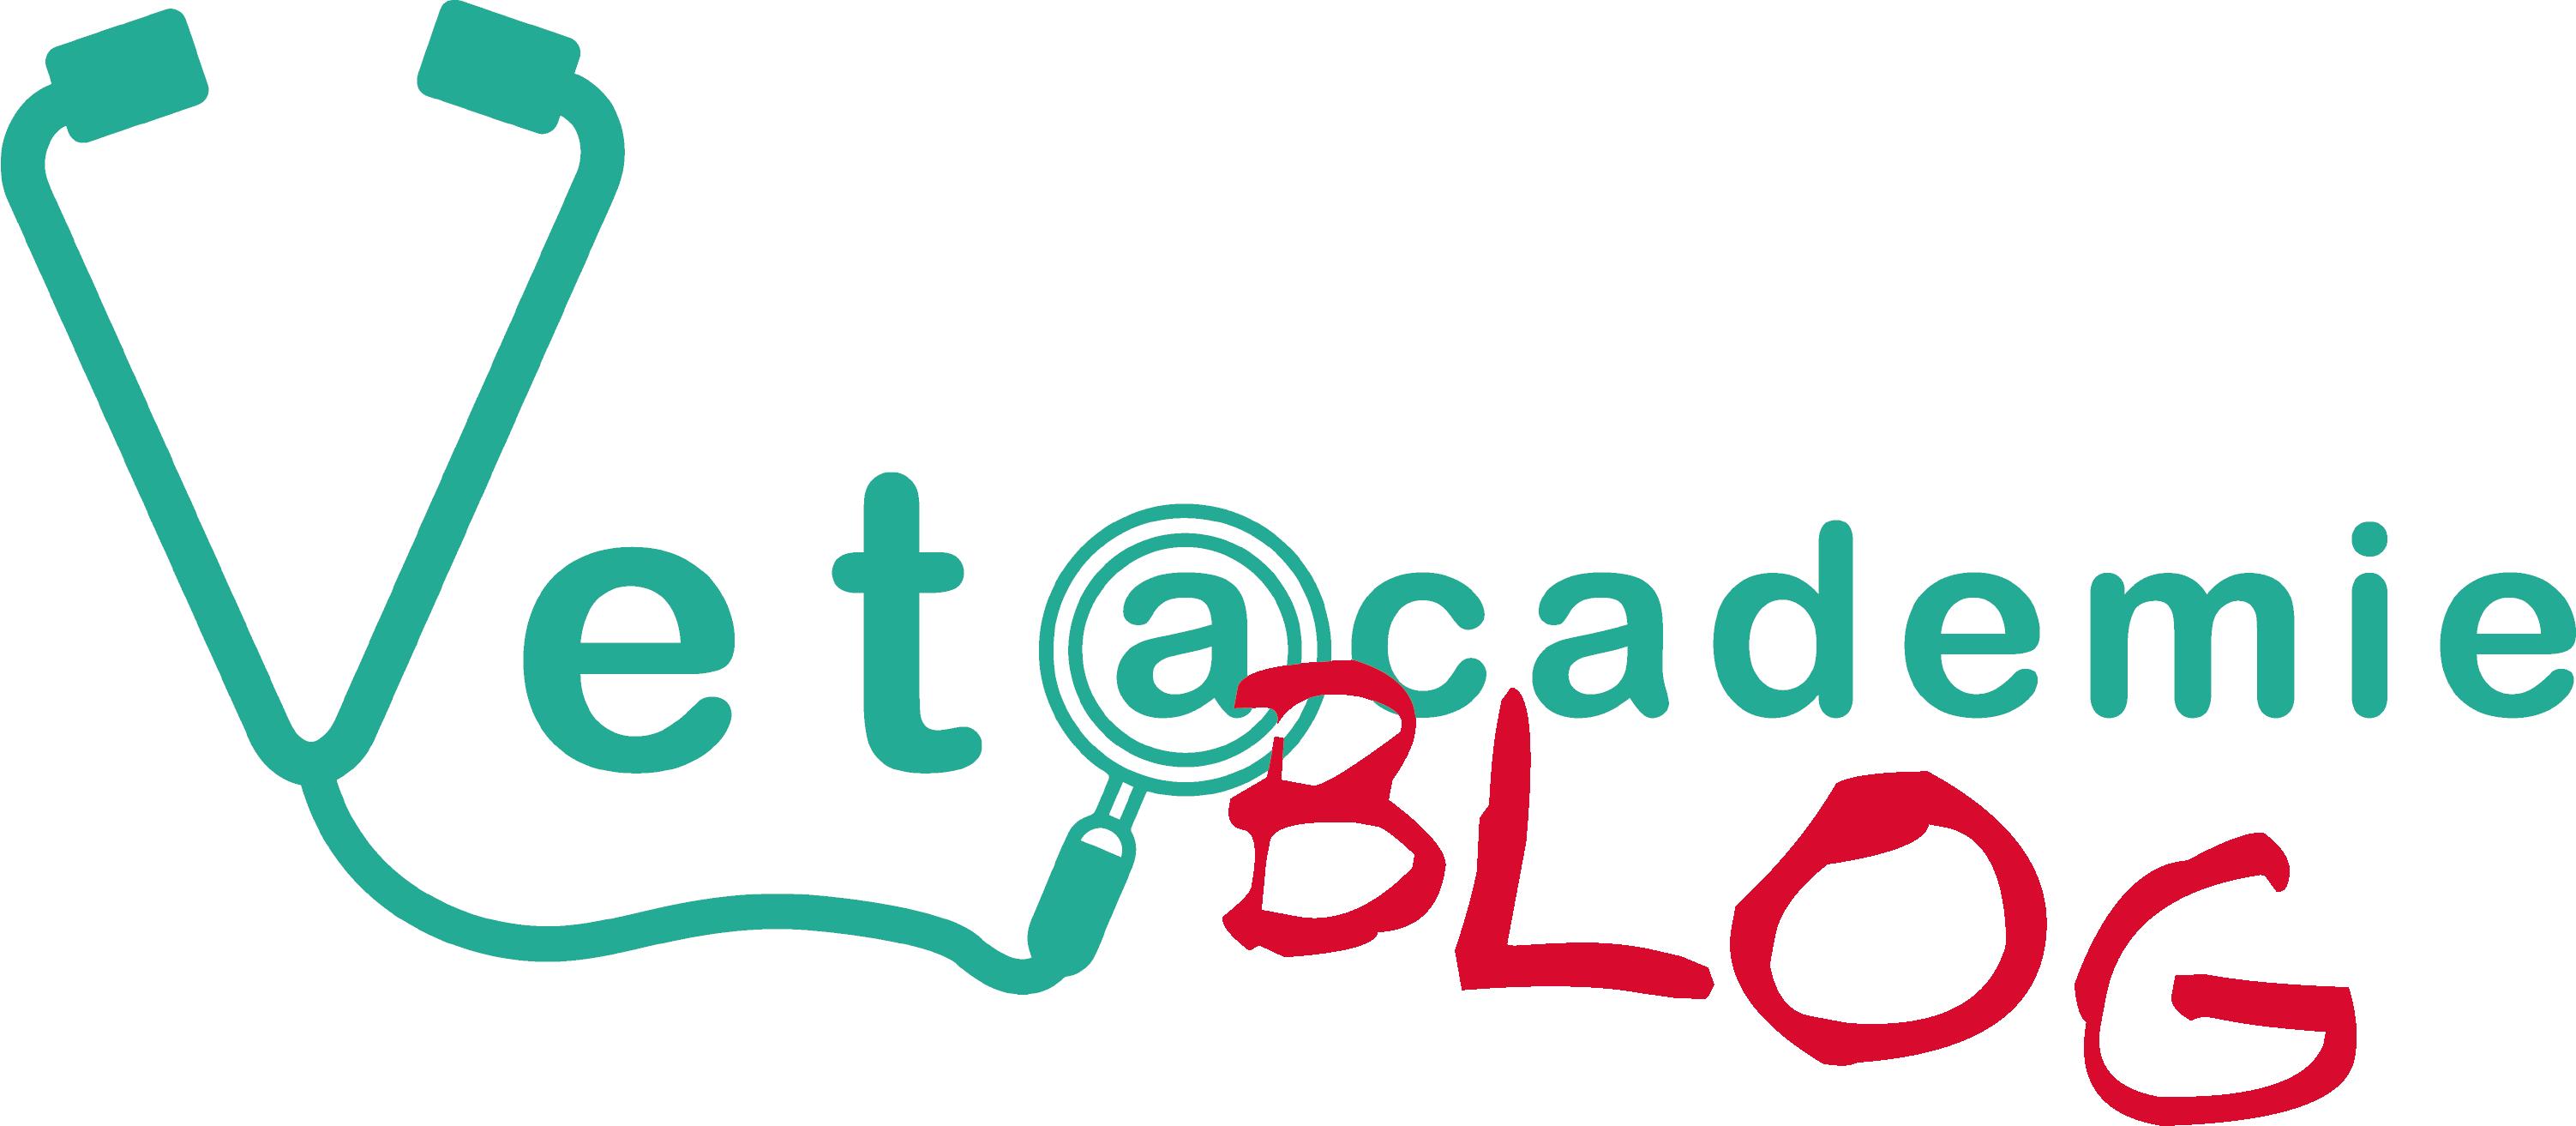 Vetacademie Blog